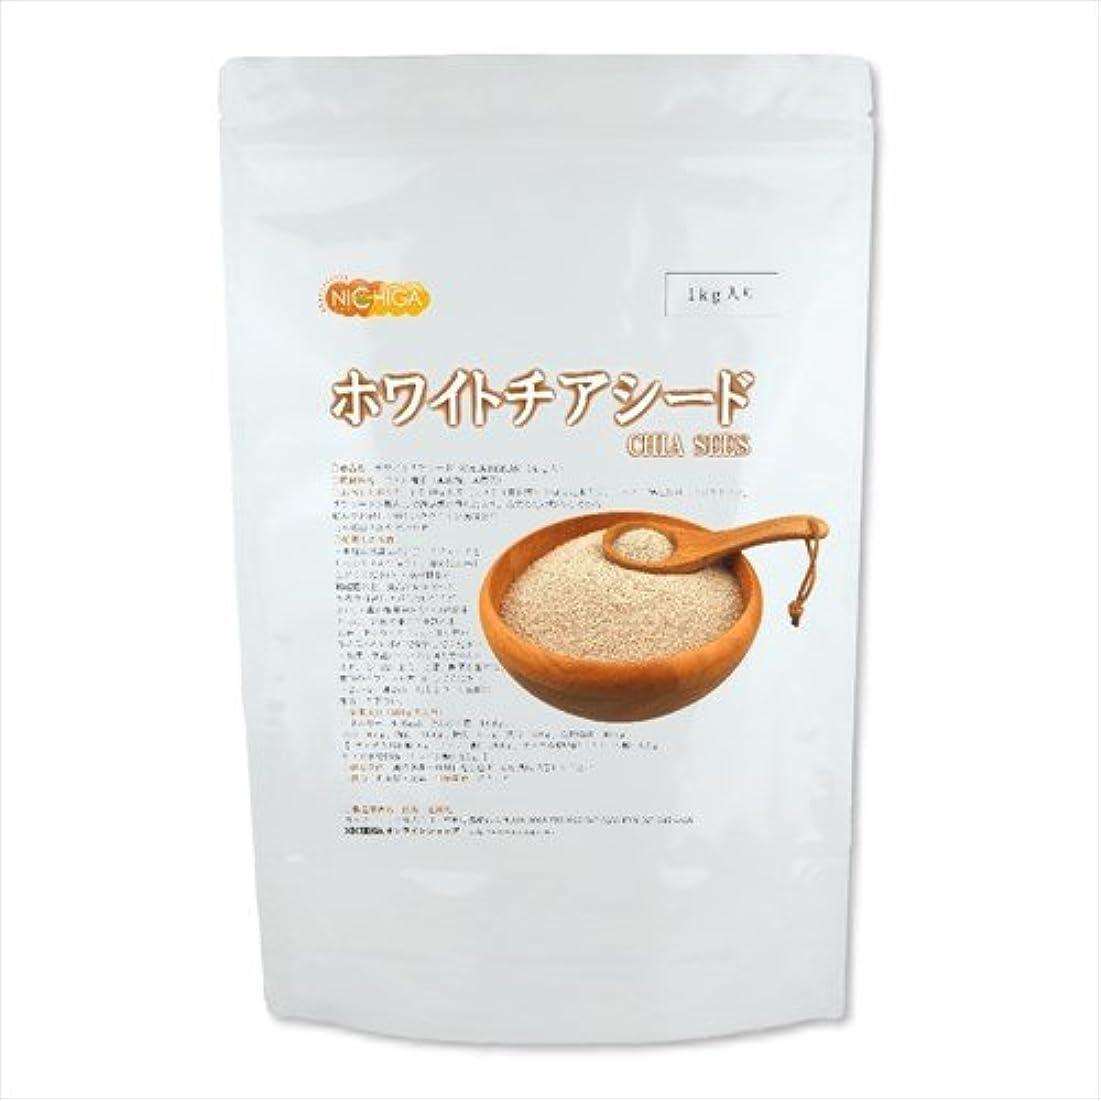 安定した洗う深くホワイトチアシード 1kg【CHIASEEDS】[01]食物性最高奇跡の食品 (Miracle foods) 殺菌品 NICHIGA(ニチガ)